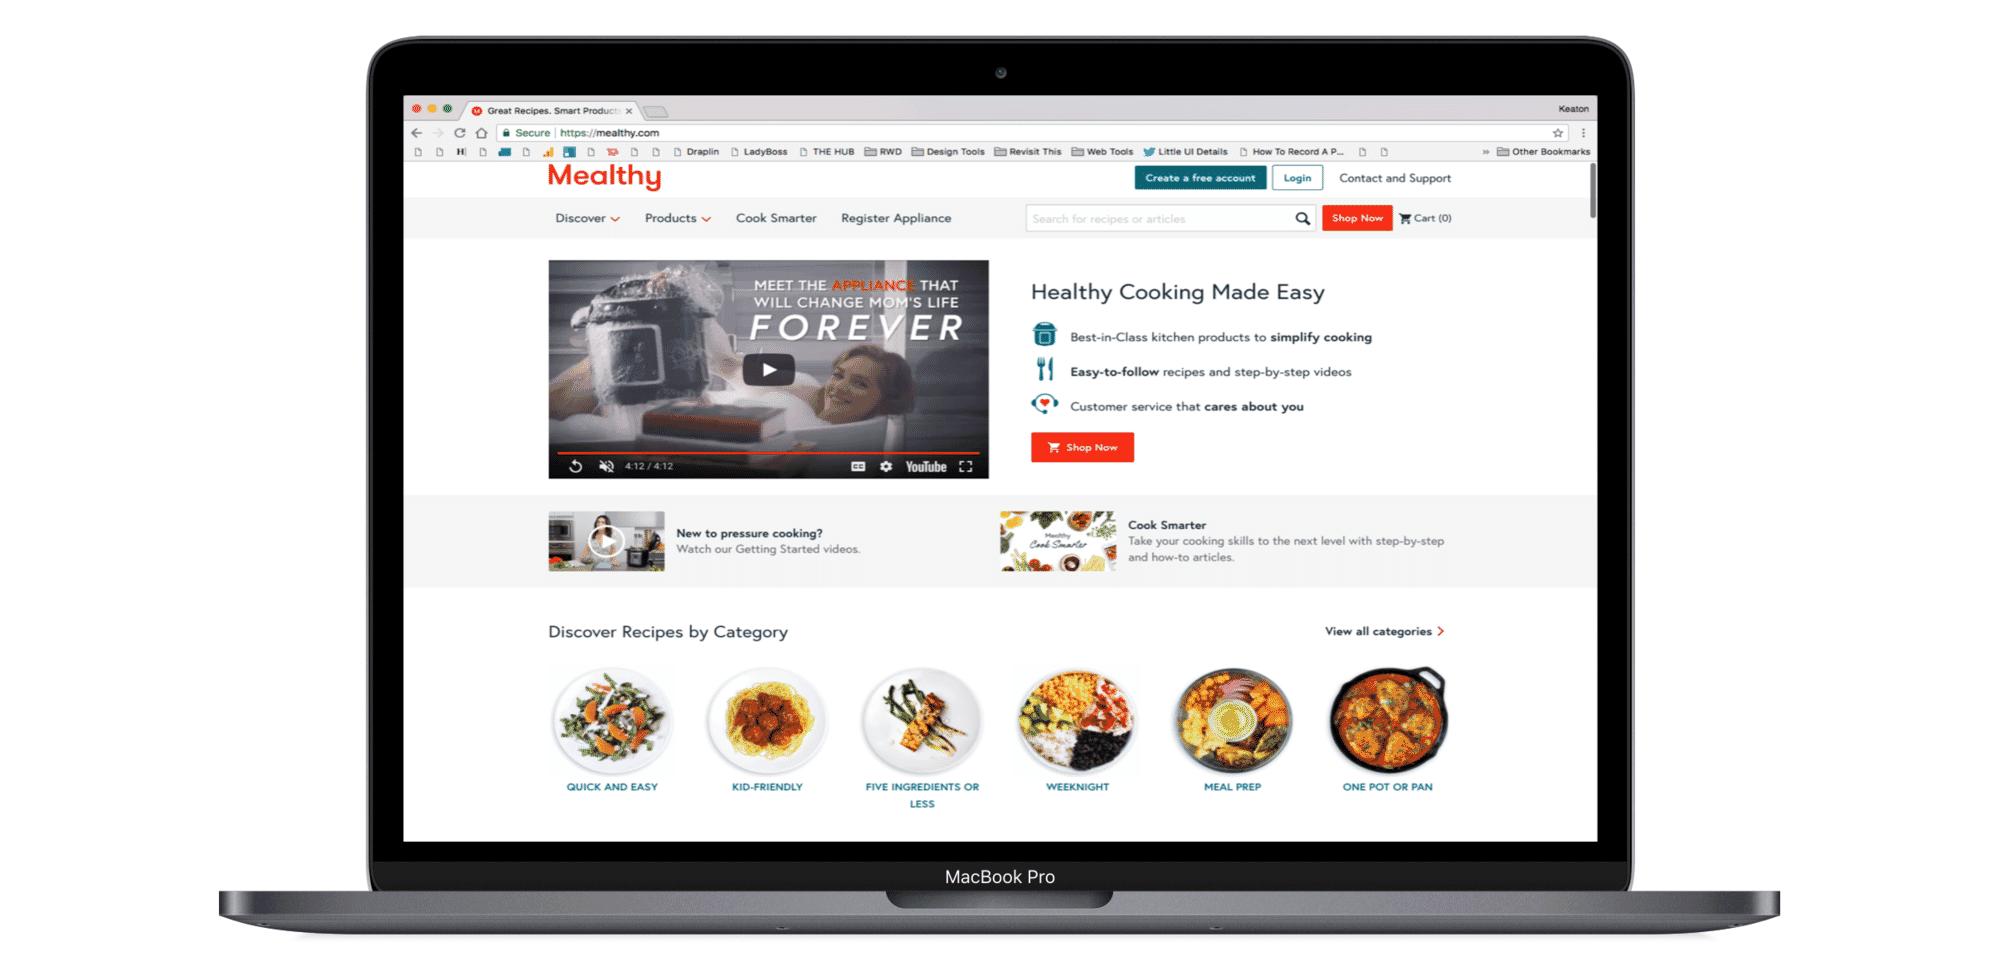 Mealthy.com